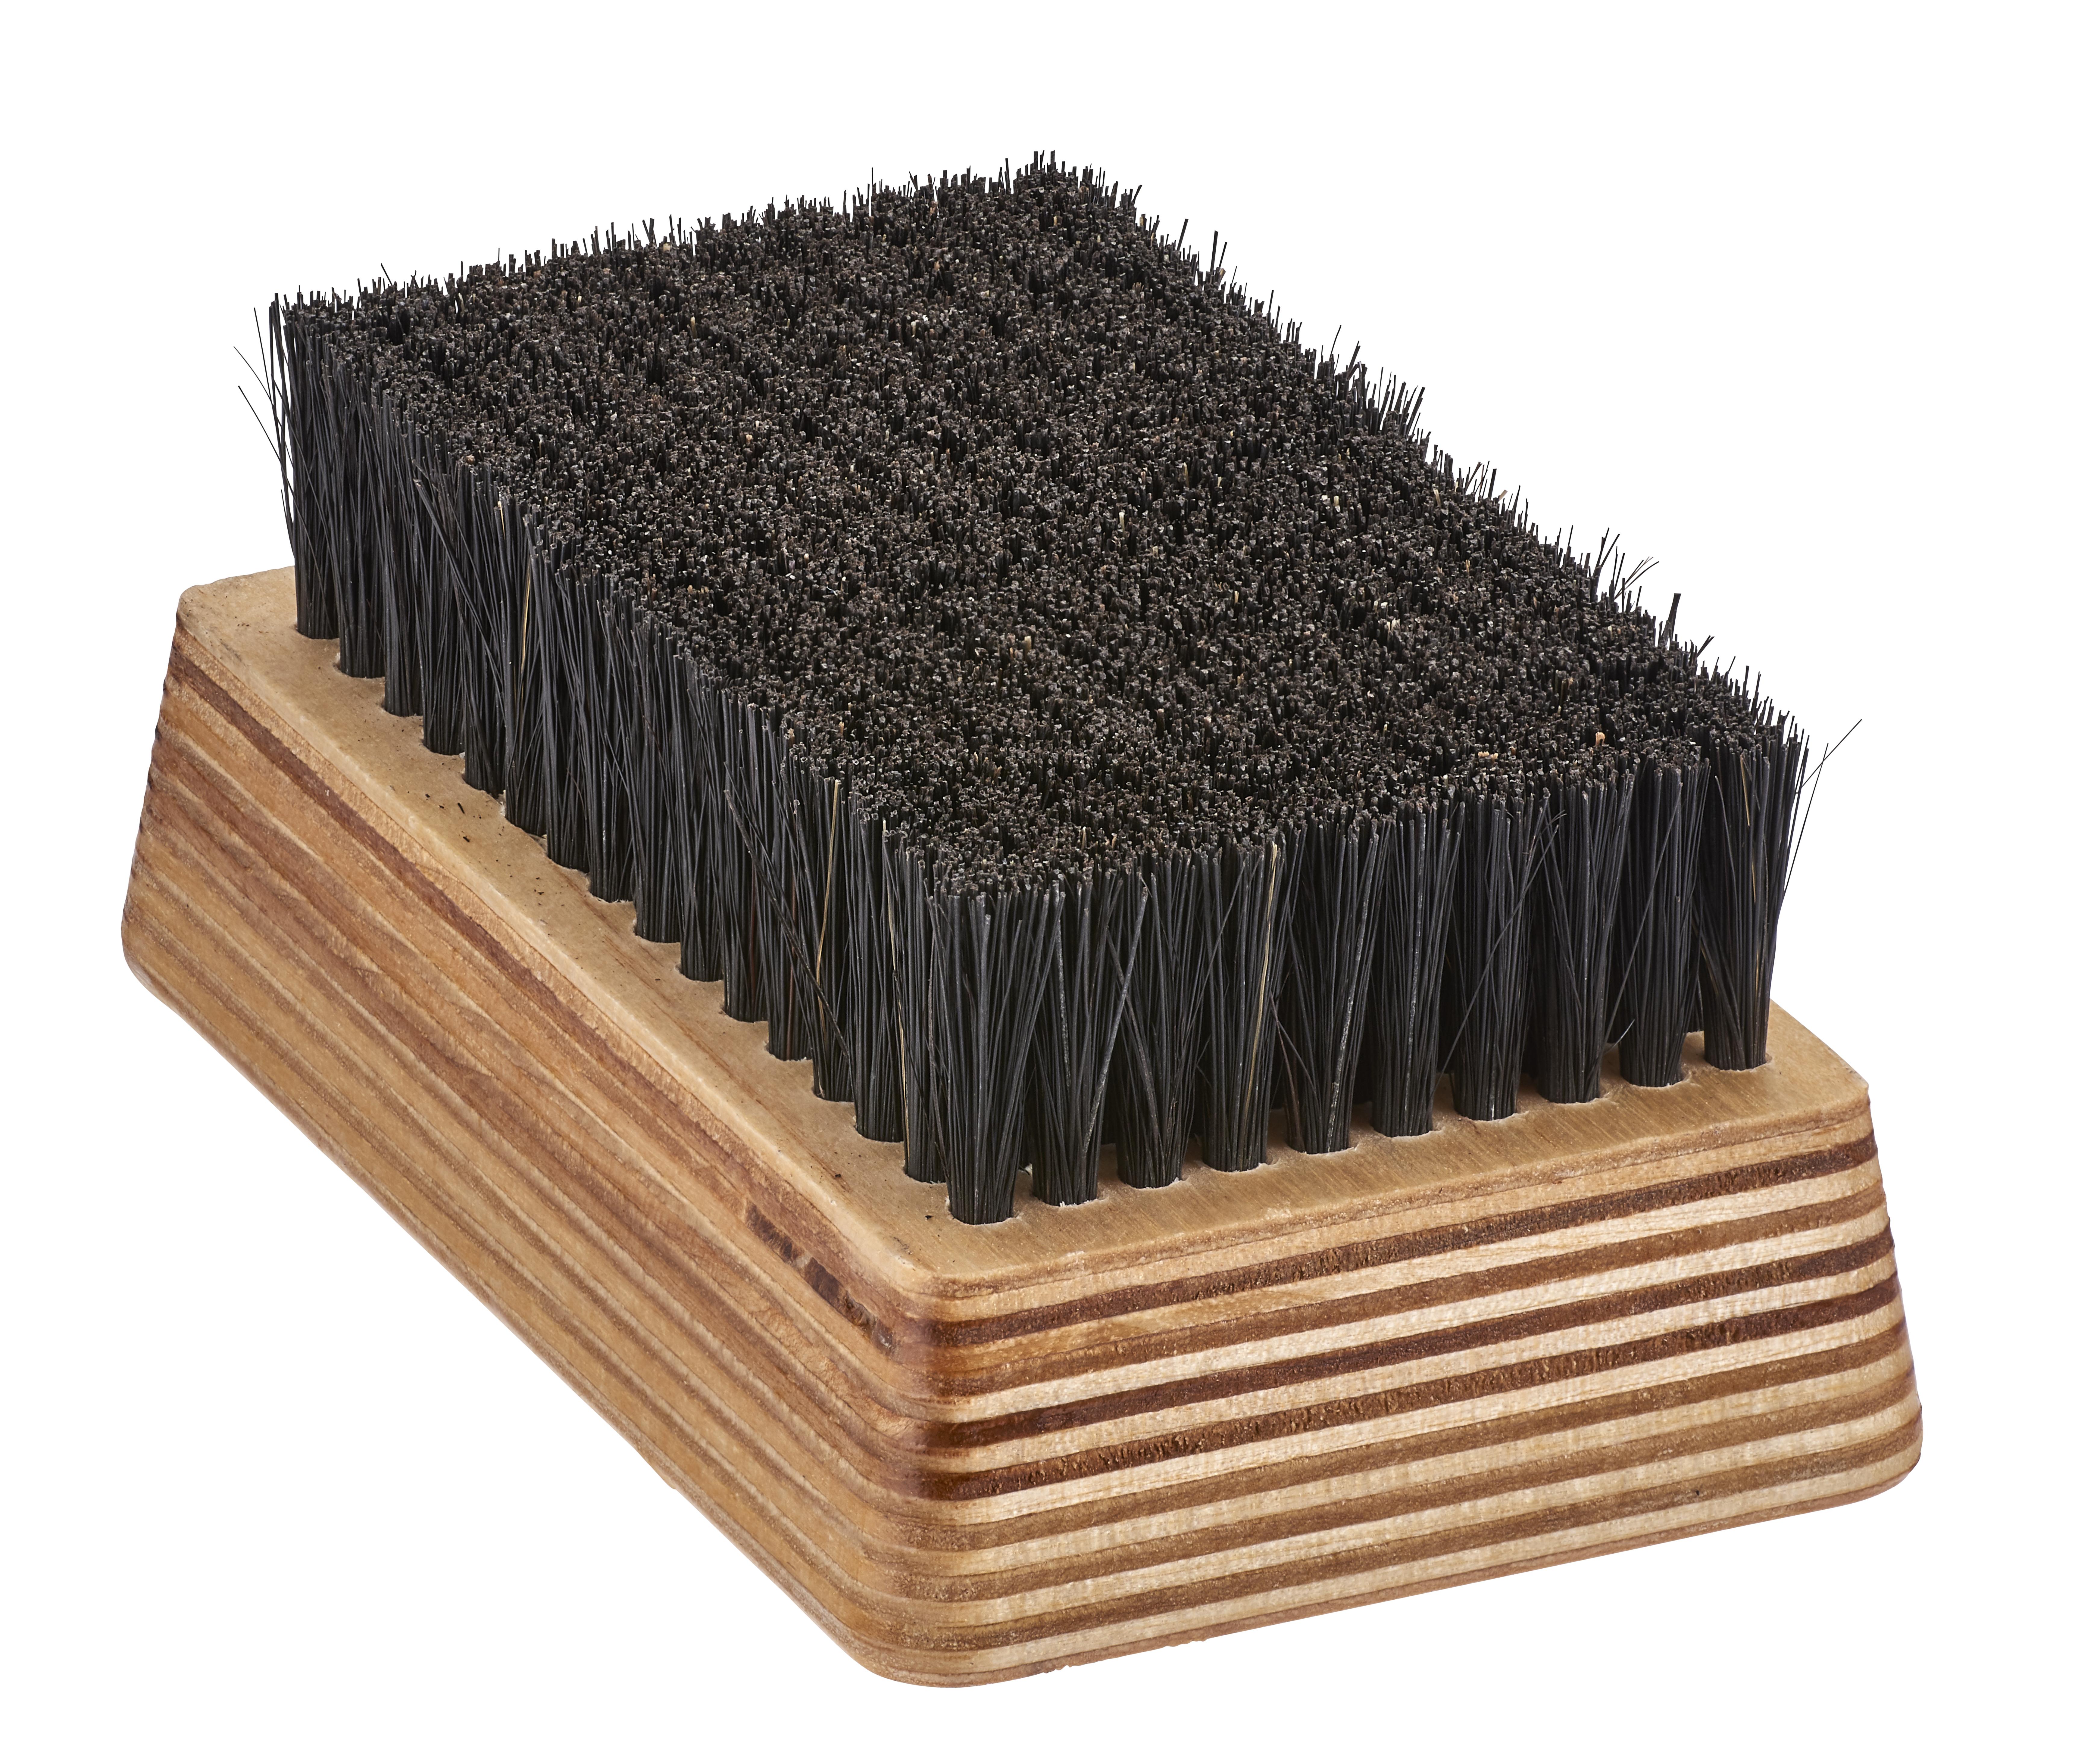 04005 Anilox Brush